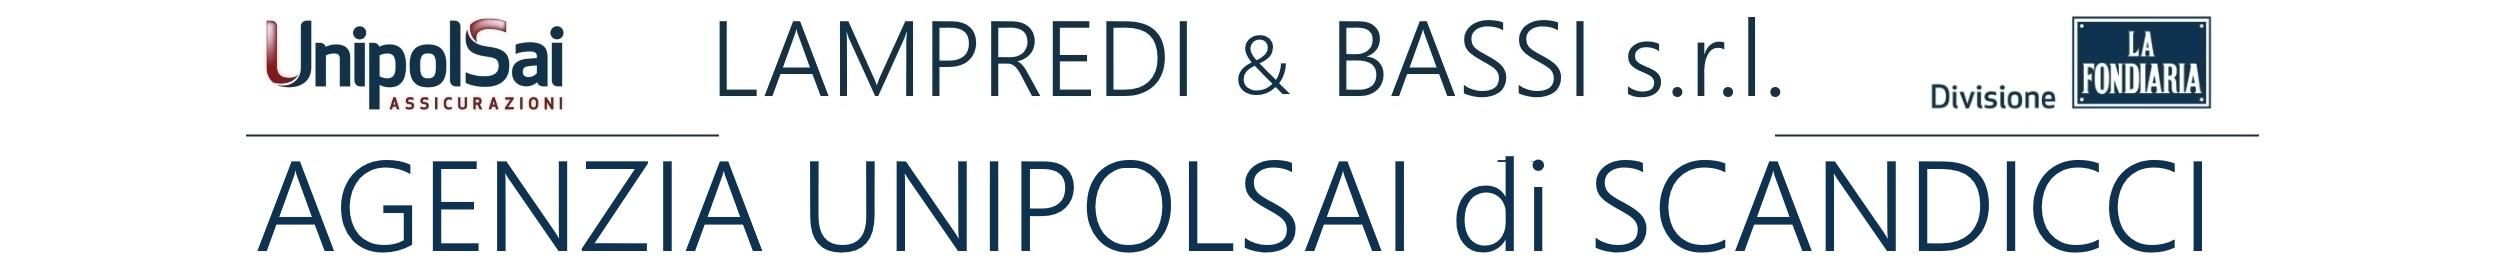 Lampredi & Bassi s.r.l. – Agenzia UnipolSai di Scandicci